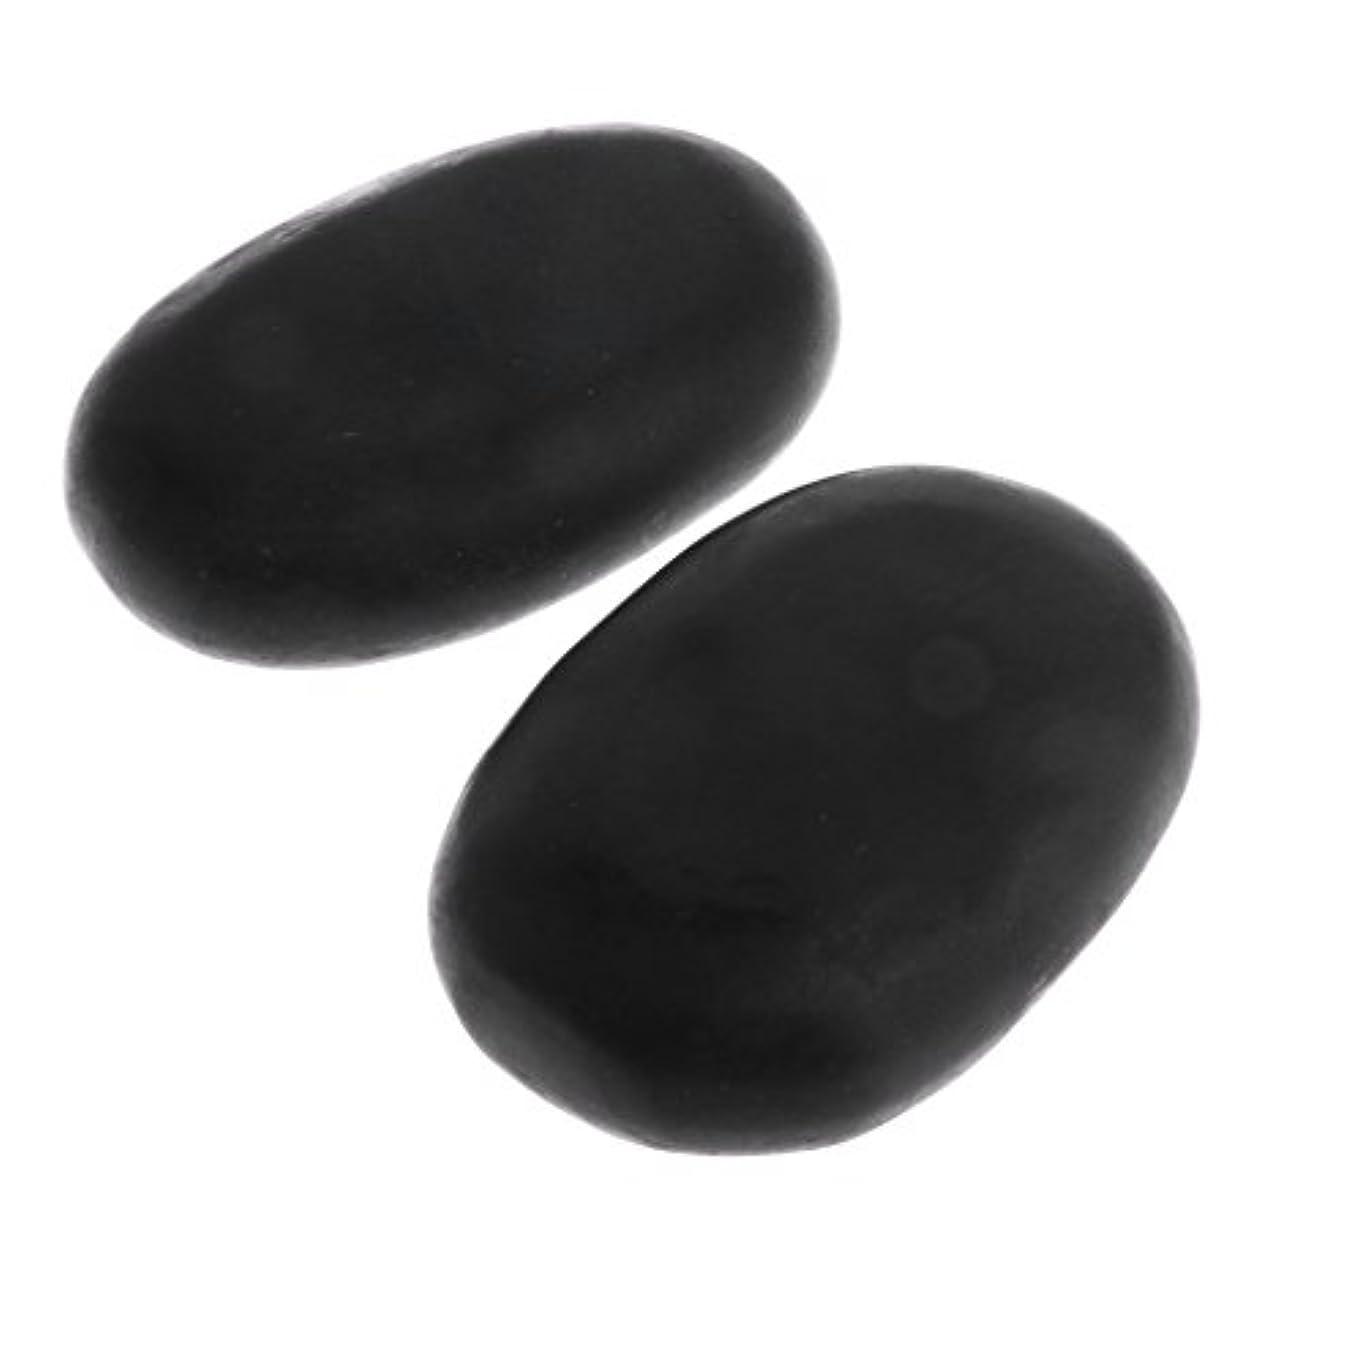 普通に気体の副産物マッサージ石 2個 温泉石 玄武岩 火山石 マッサージ 溶岩 自然石 美容 SPA